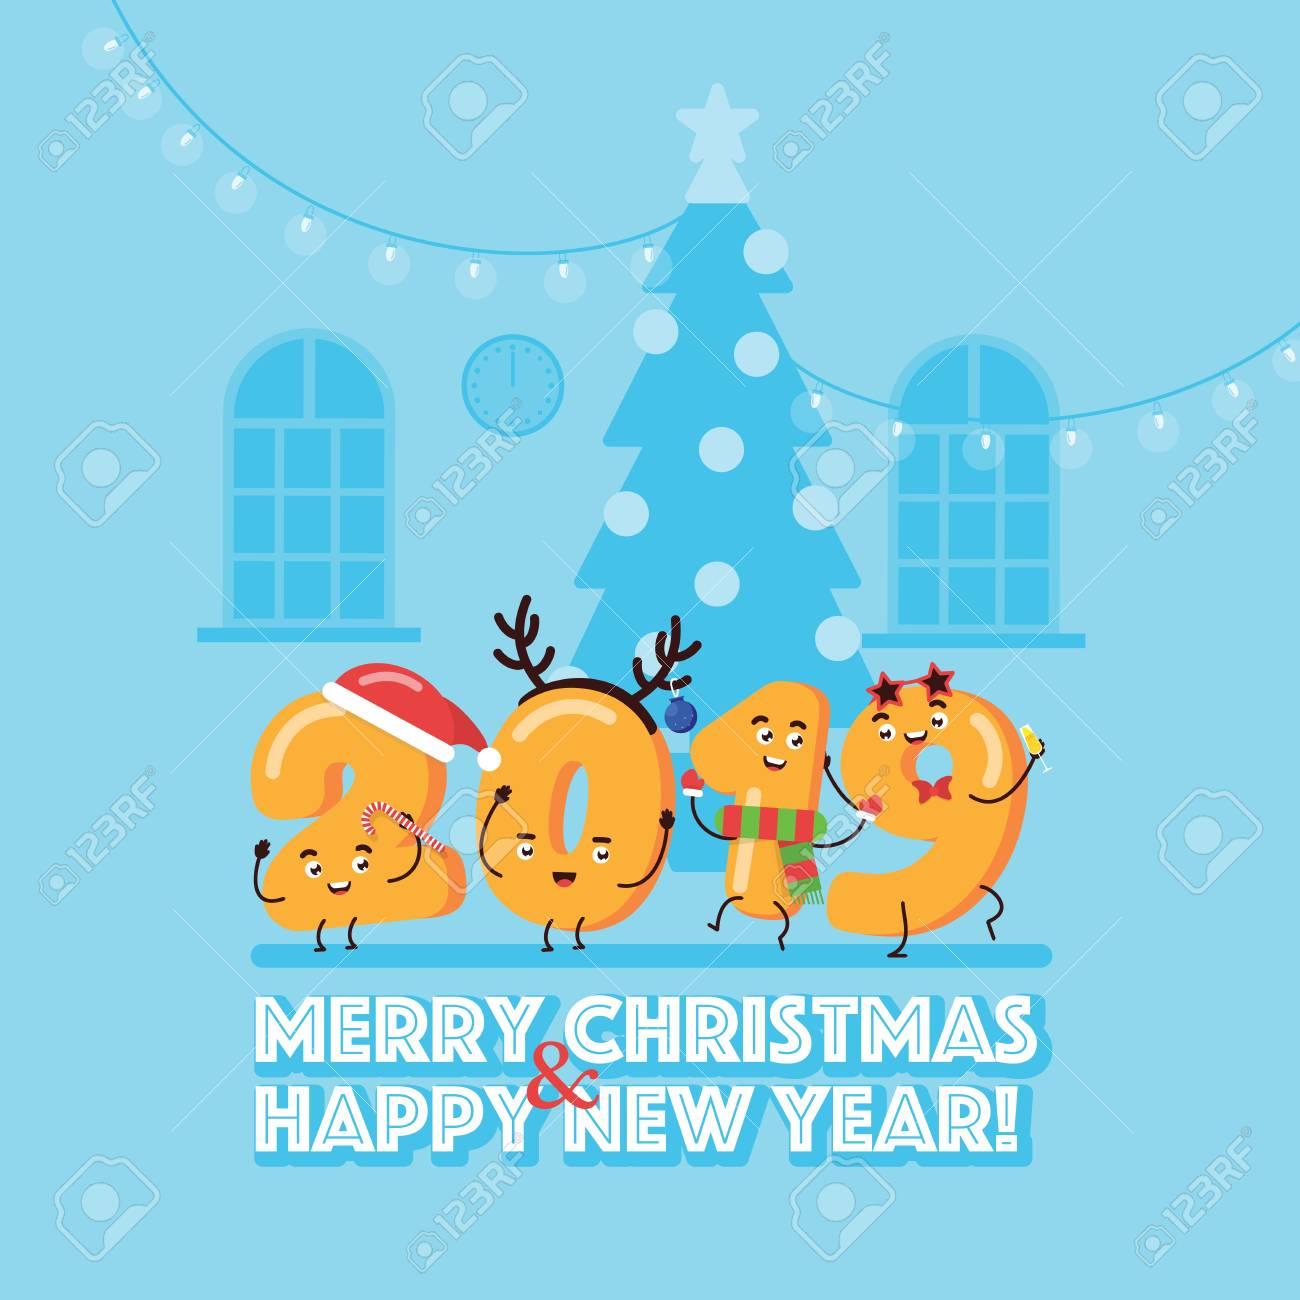 Imagenes Felicitacion Navidad 2019.Feliz Navidad Y Feliz Ano Nuevo Concepto Con Caracter 2019 Tarjeta De Felicitacion Diseno